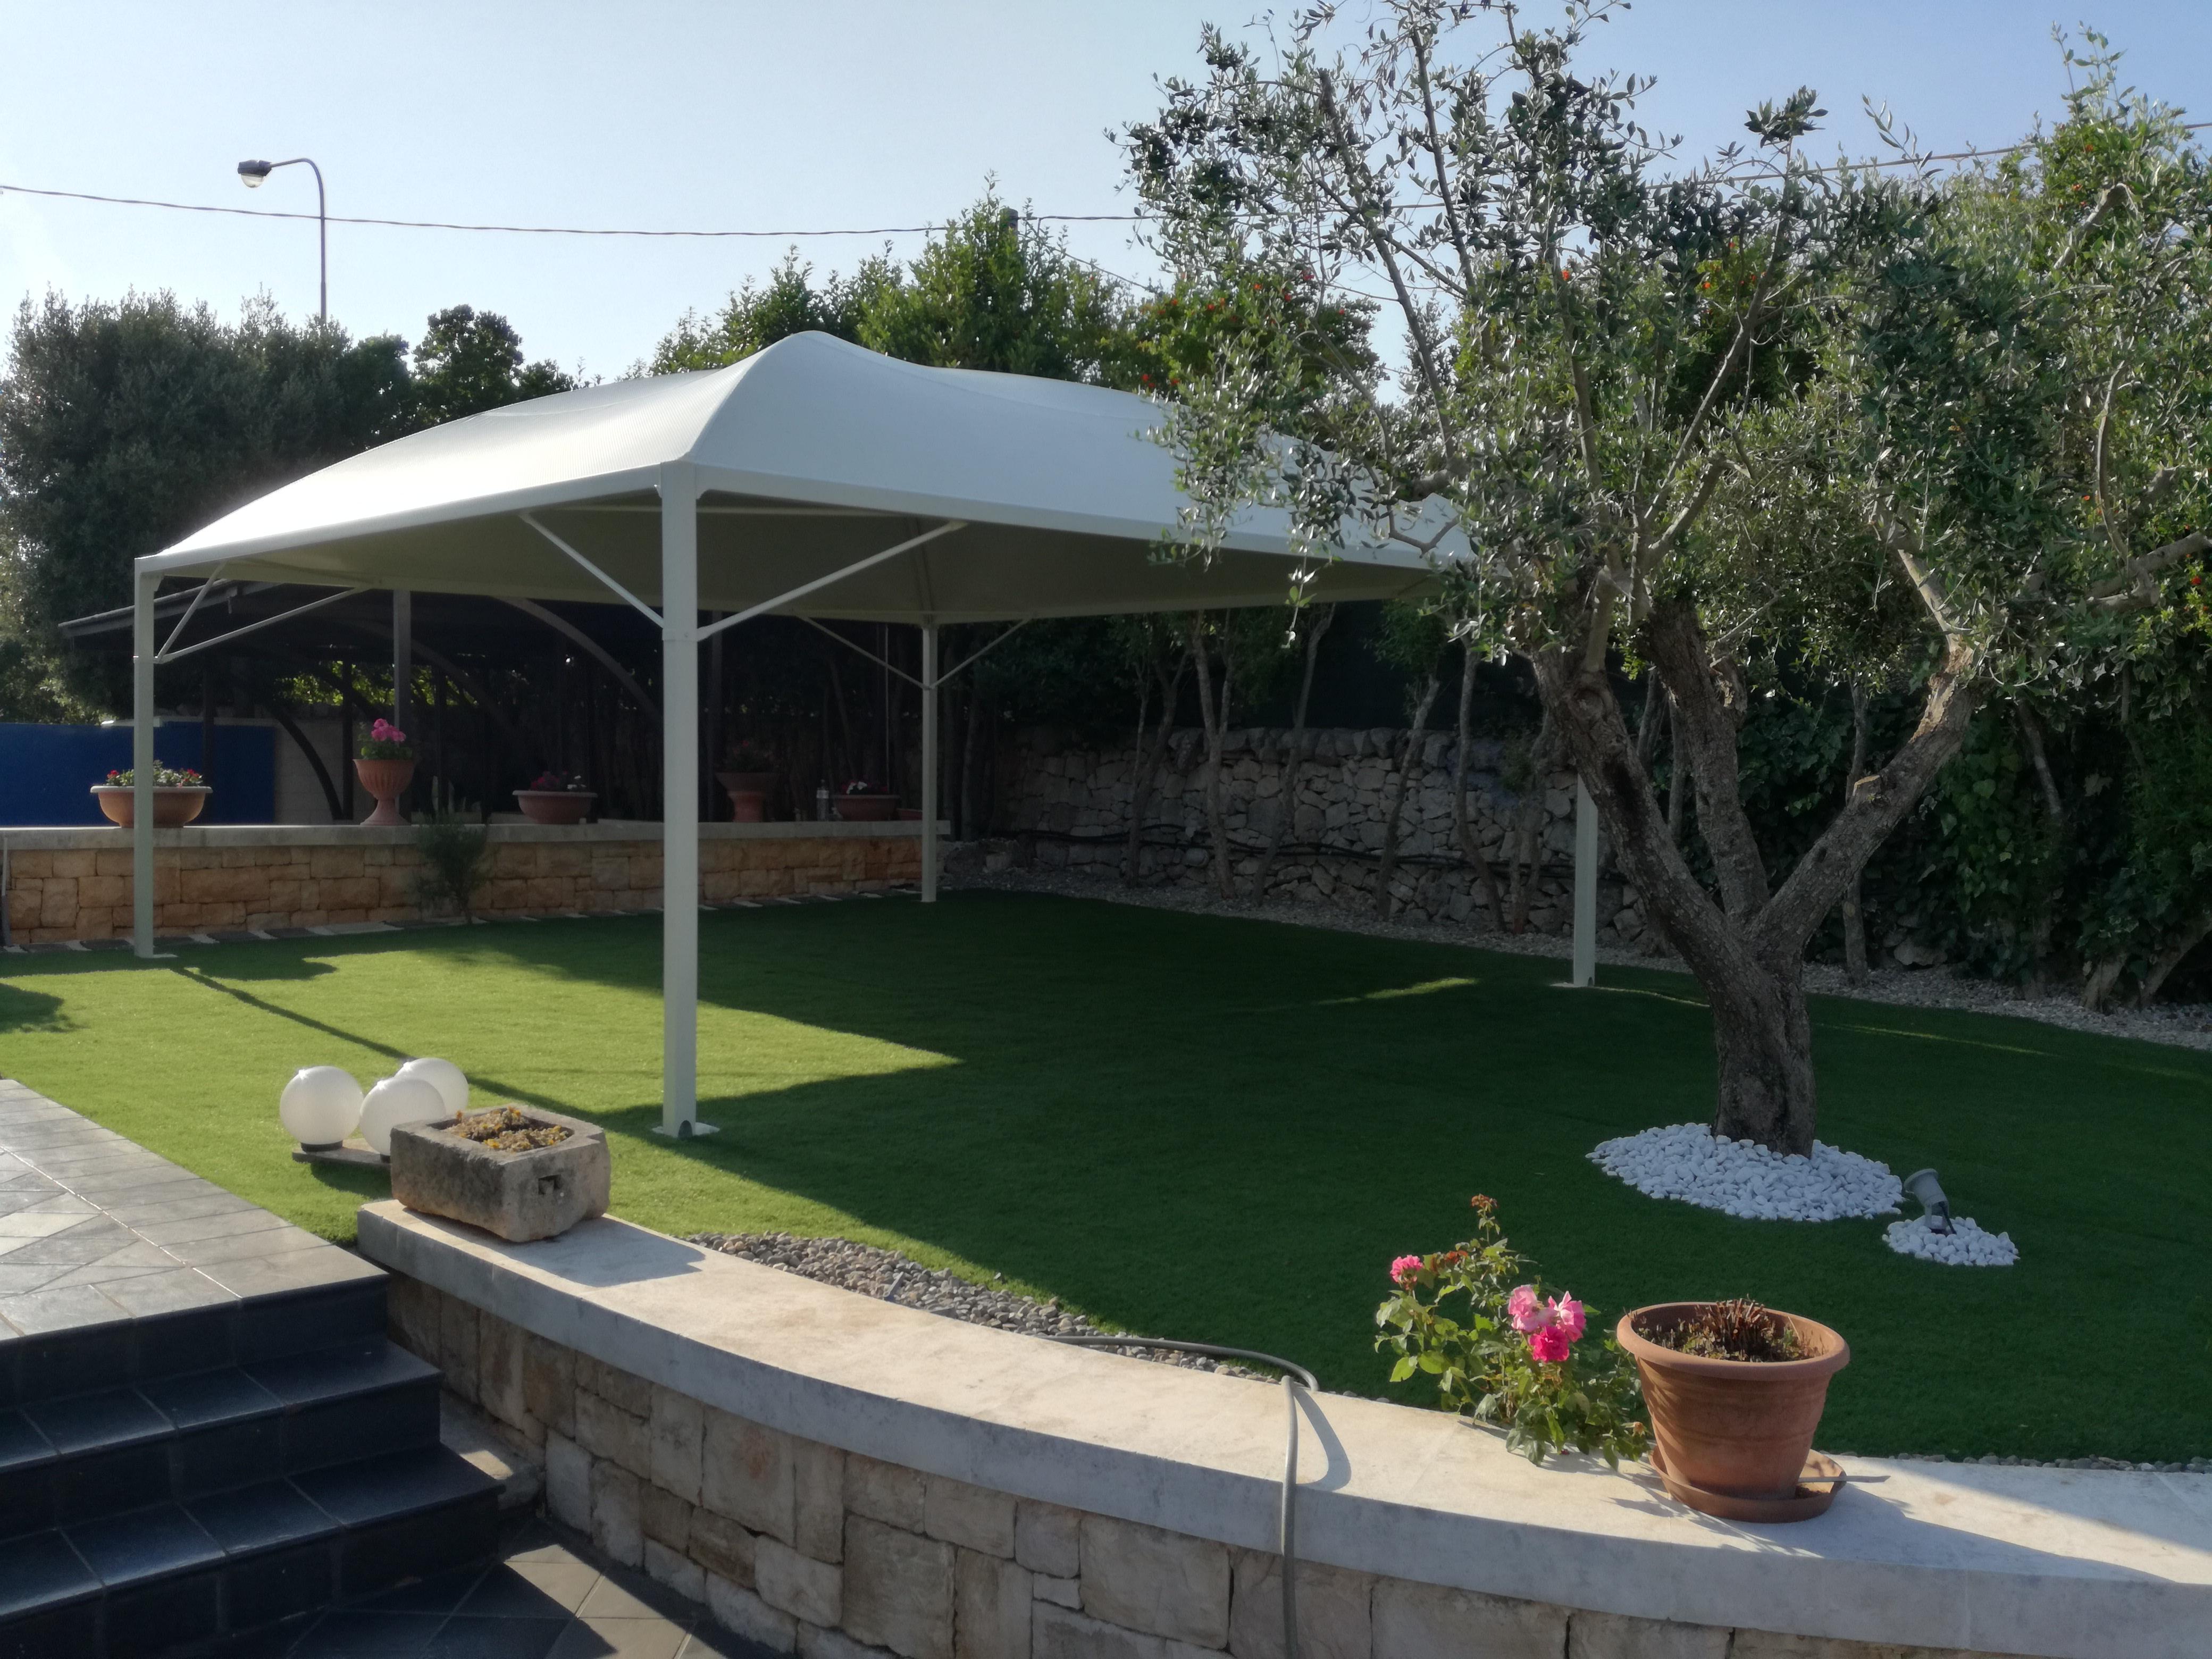 manutenzione gazebo giardino pulire il telo pvc